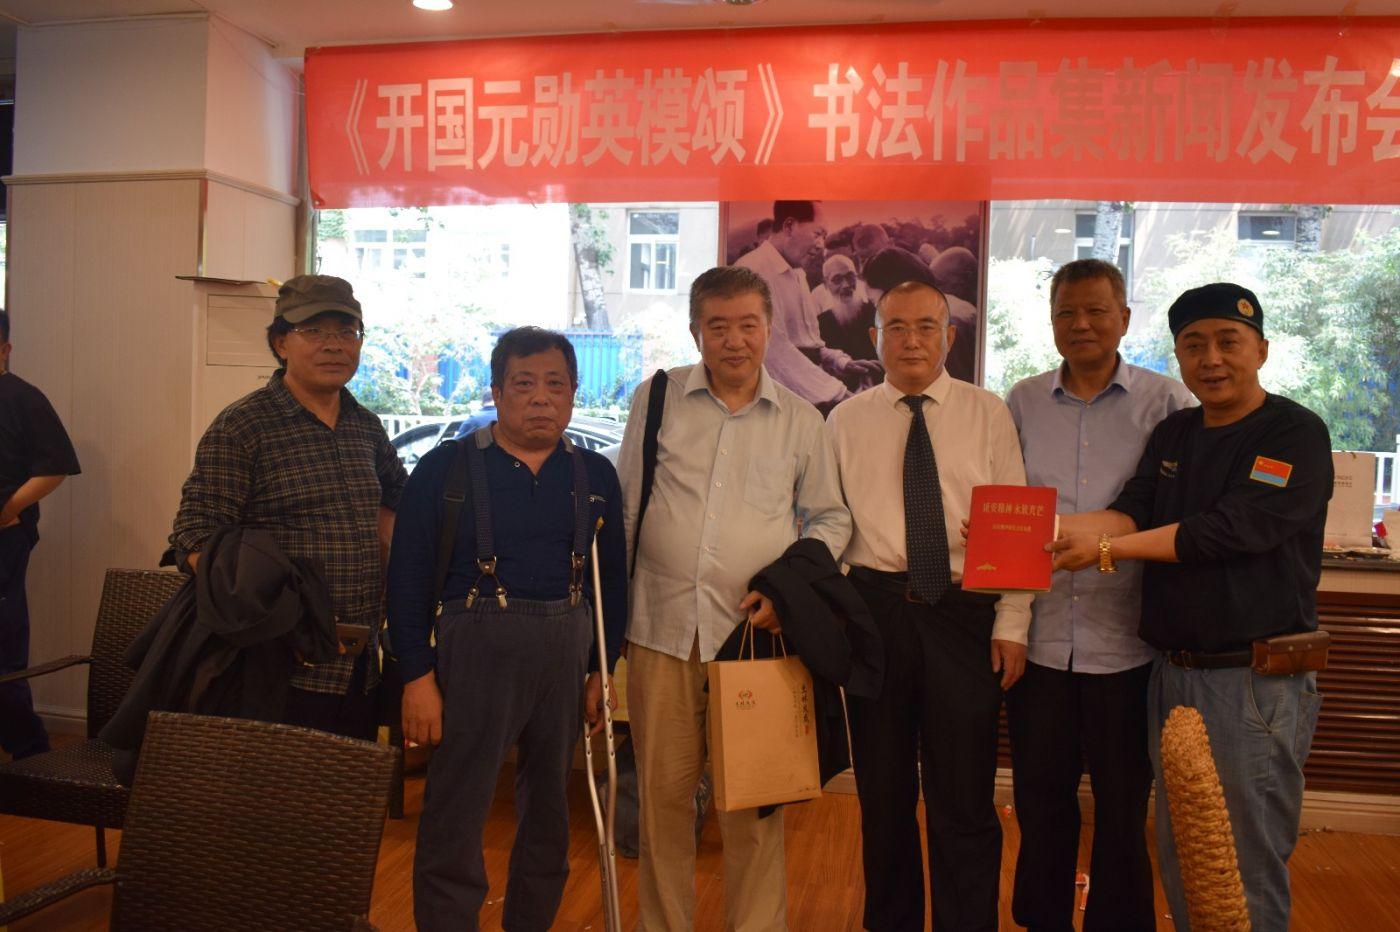 《开国元勋英模颂》书法作品集新闻发布会在京举行_图1-4